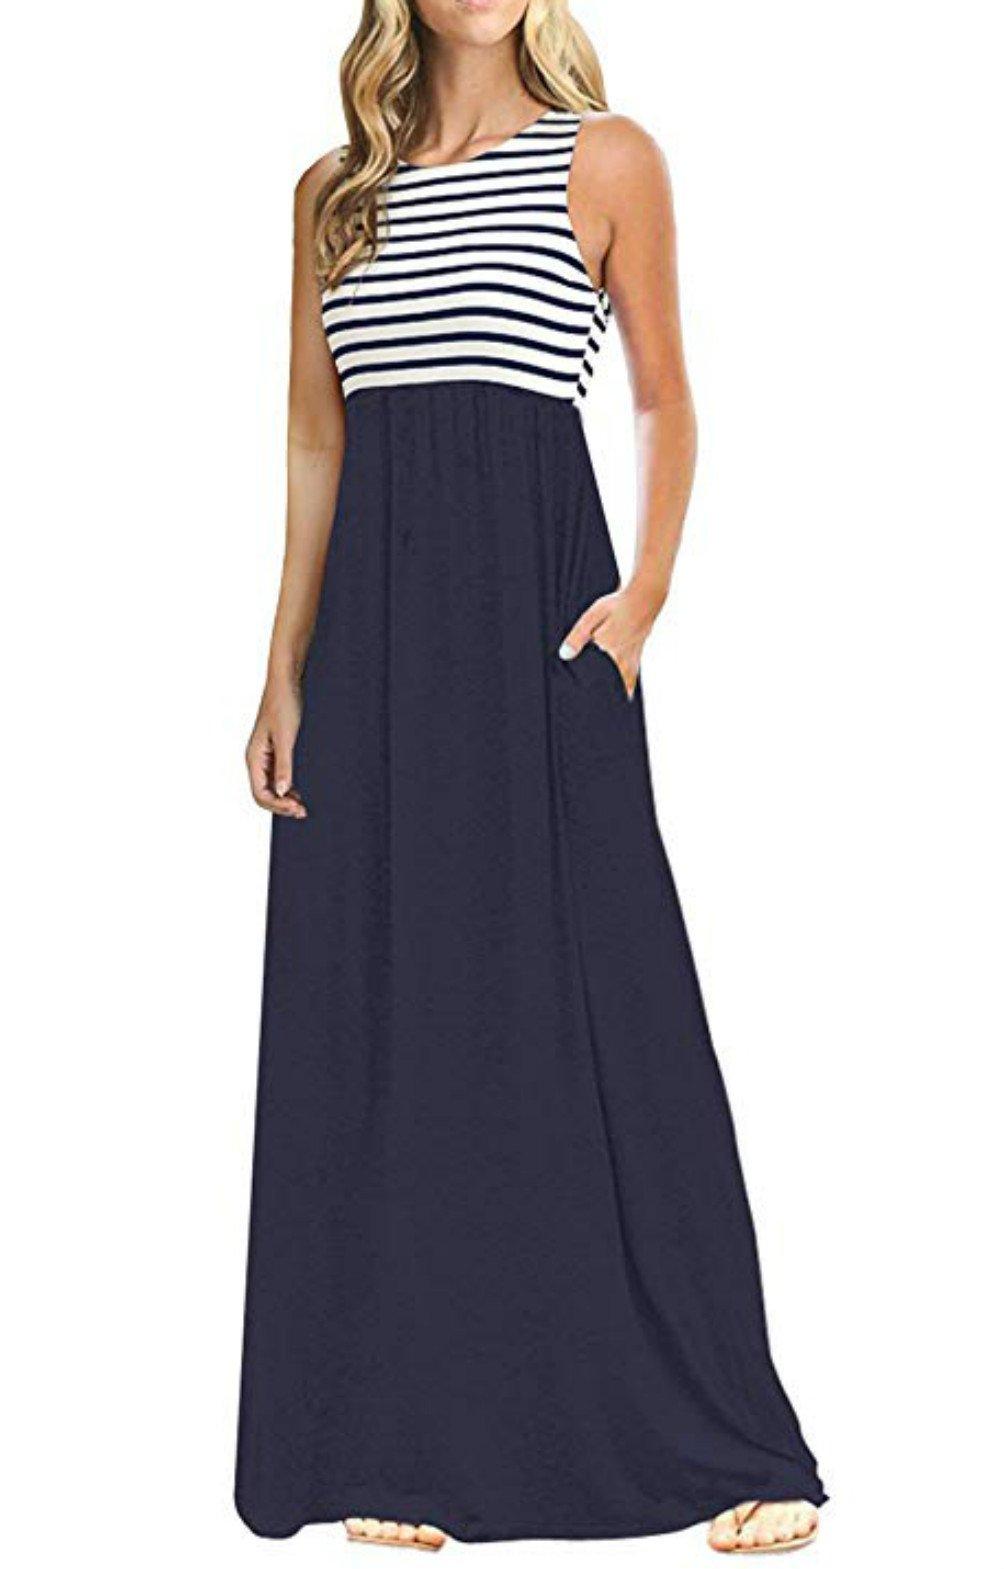 PALINDA Women's Summer Striped Sleeveless High Waist Long Maxi Dress with Pockets(Navy Blue,XL)